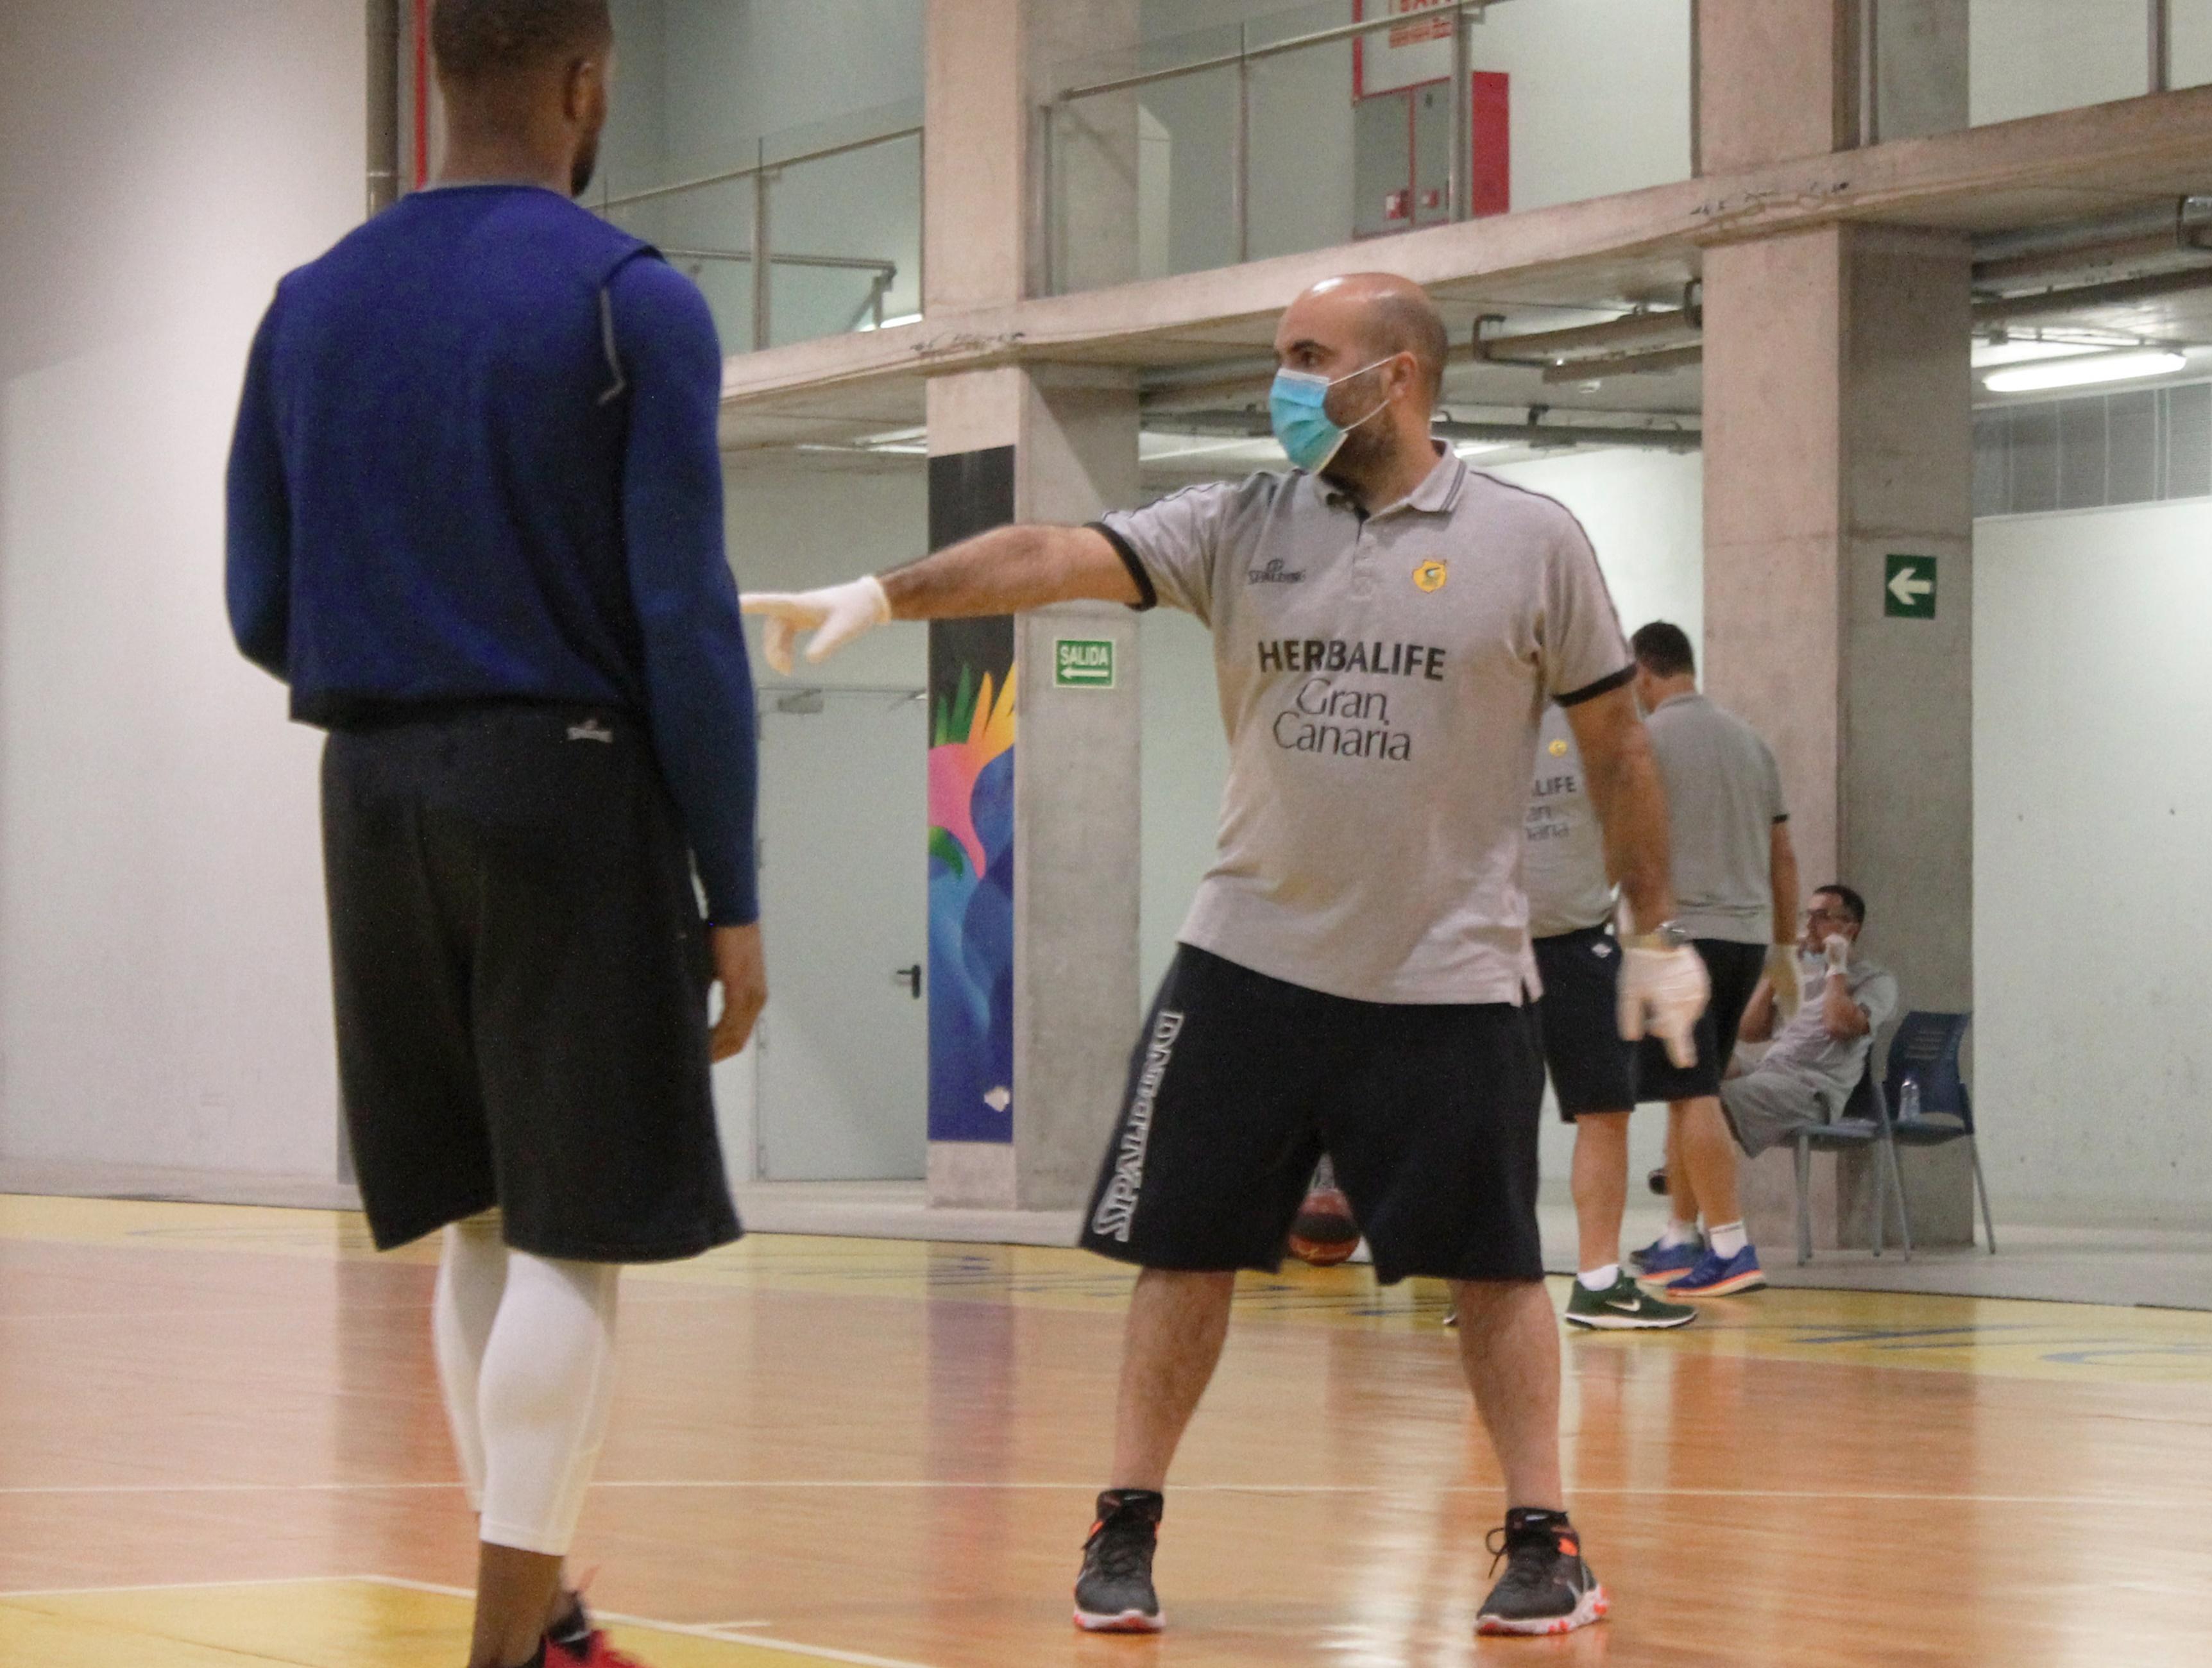 El Gran Canaria-Claret comienza los entrenamientos por grupos